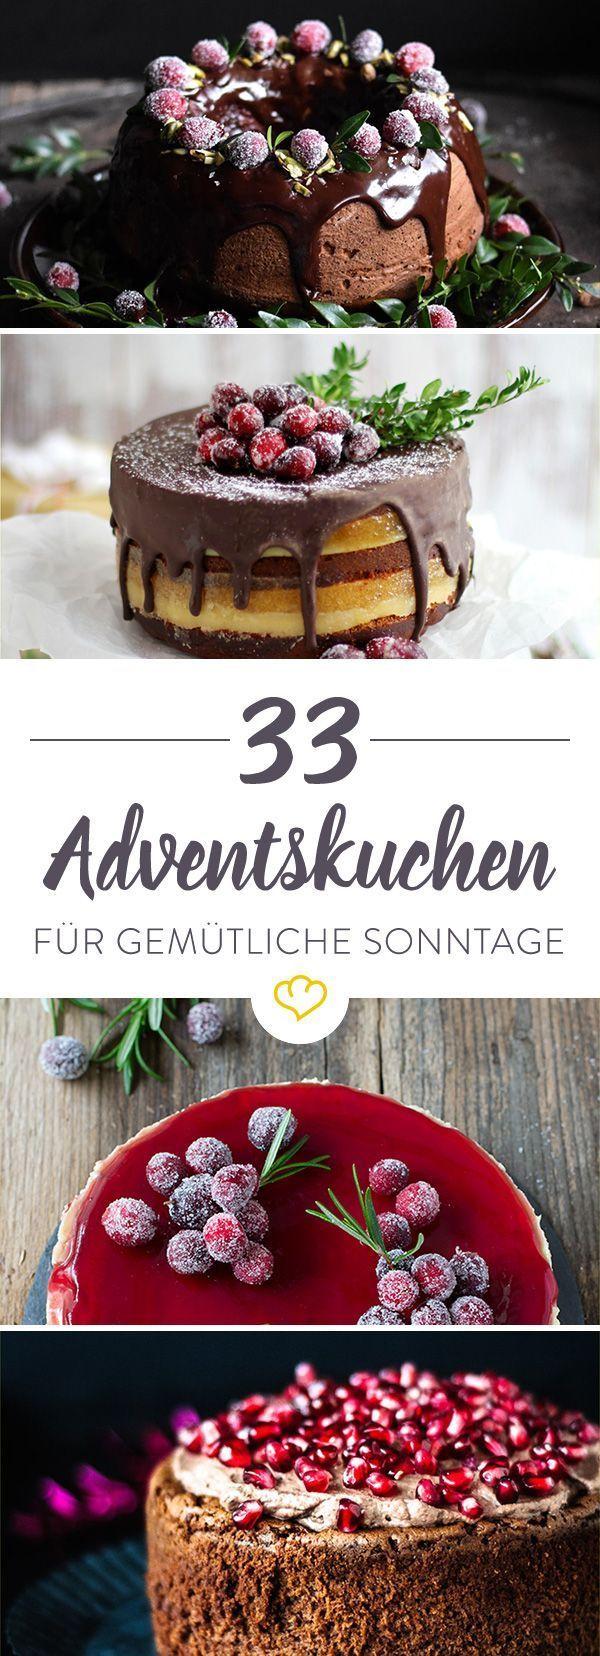 Photo of Adventskuchen: 33 mal Kaffee, Kuchen, Kerzenschein